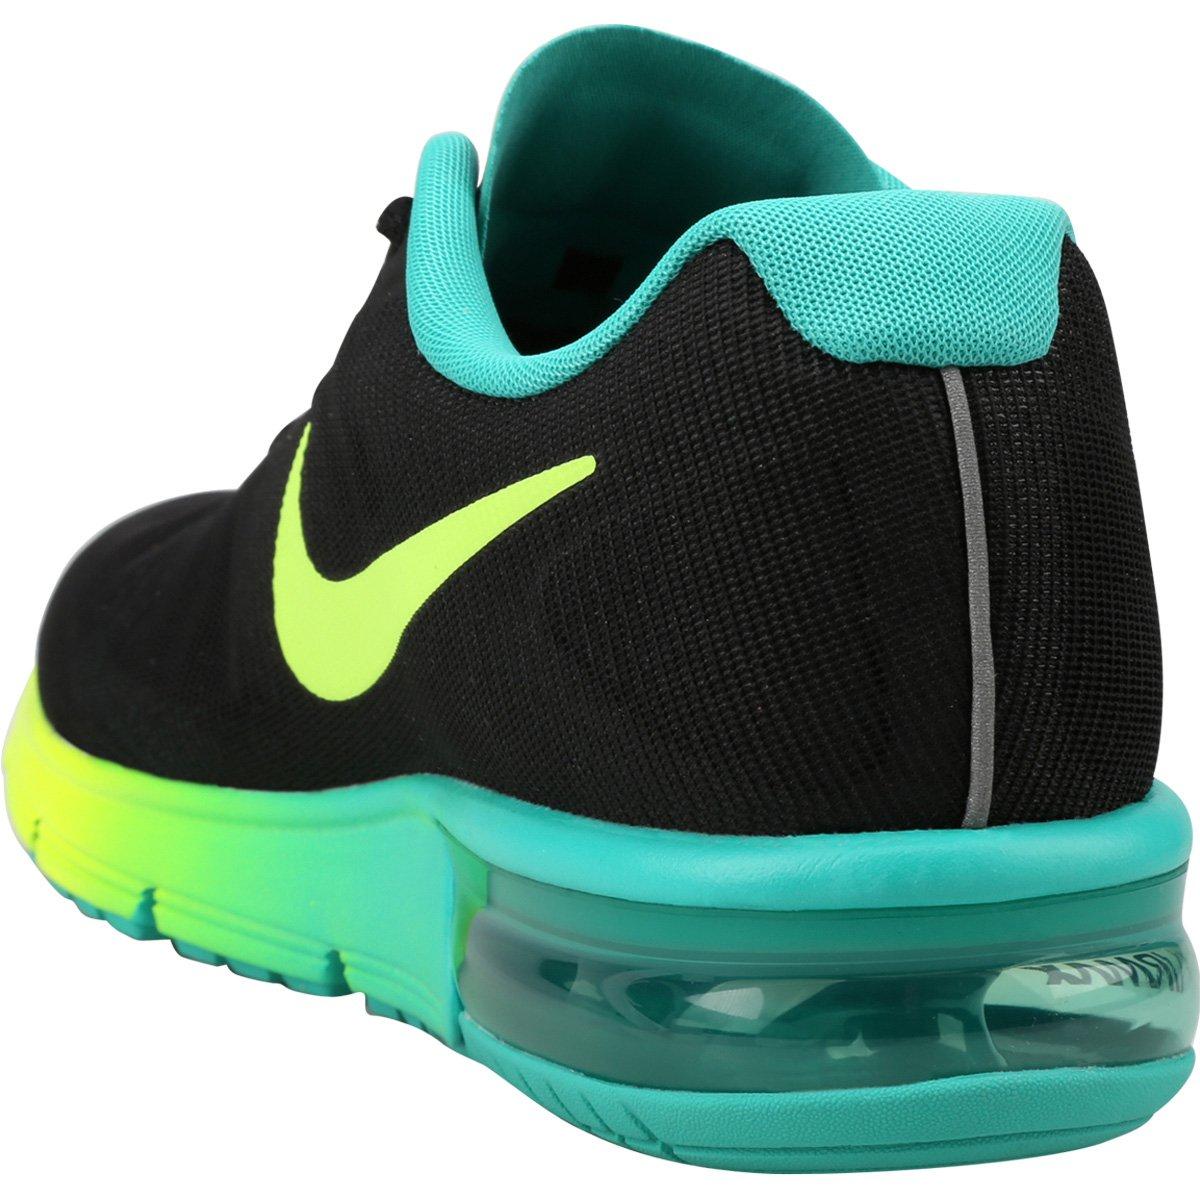 8ddd428789 Tênis Nike Air Max Sequent Feminino - Compre Agora